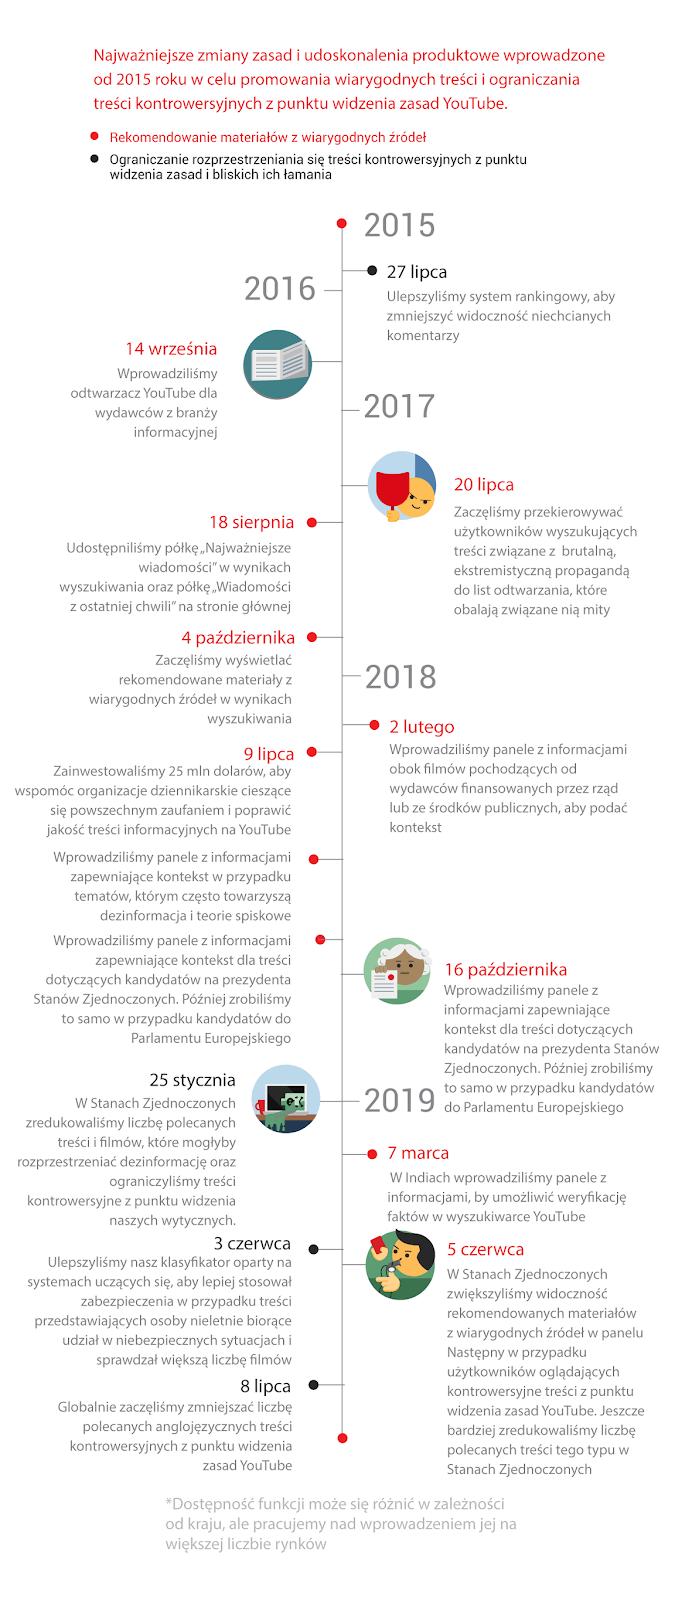 Weryfikacja treści i promowanie wiarygodnych źródeł na YouTubie (działania w latach 2015-2019)